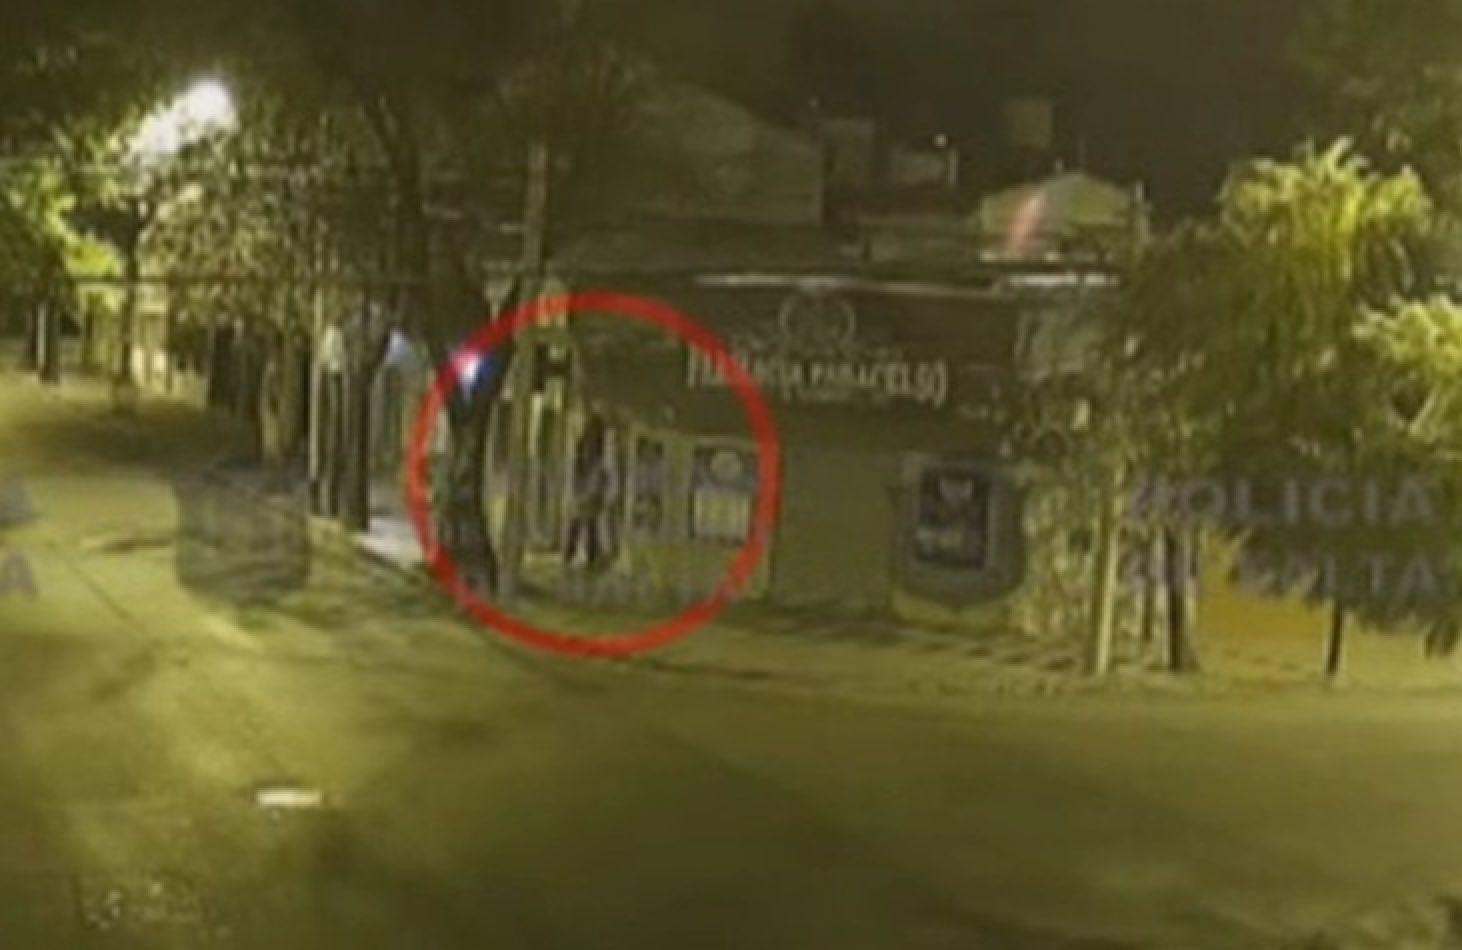 Capturan a delincuentes que treparon una pared para robar una farmacia